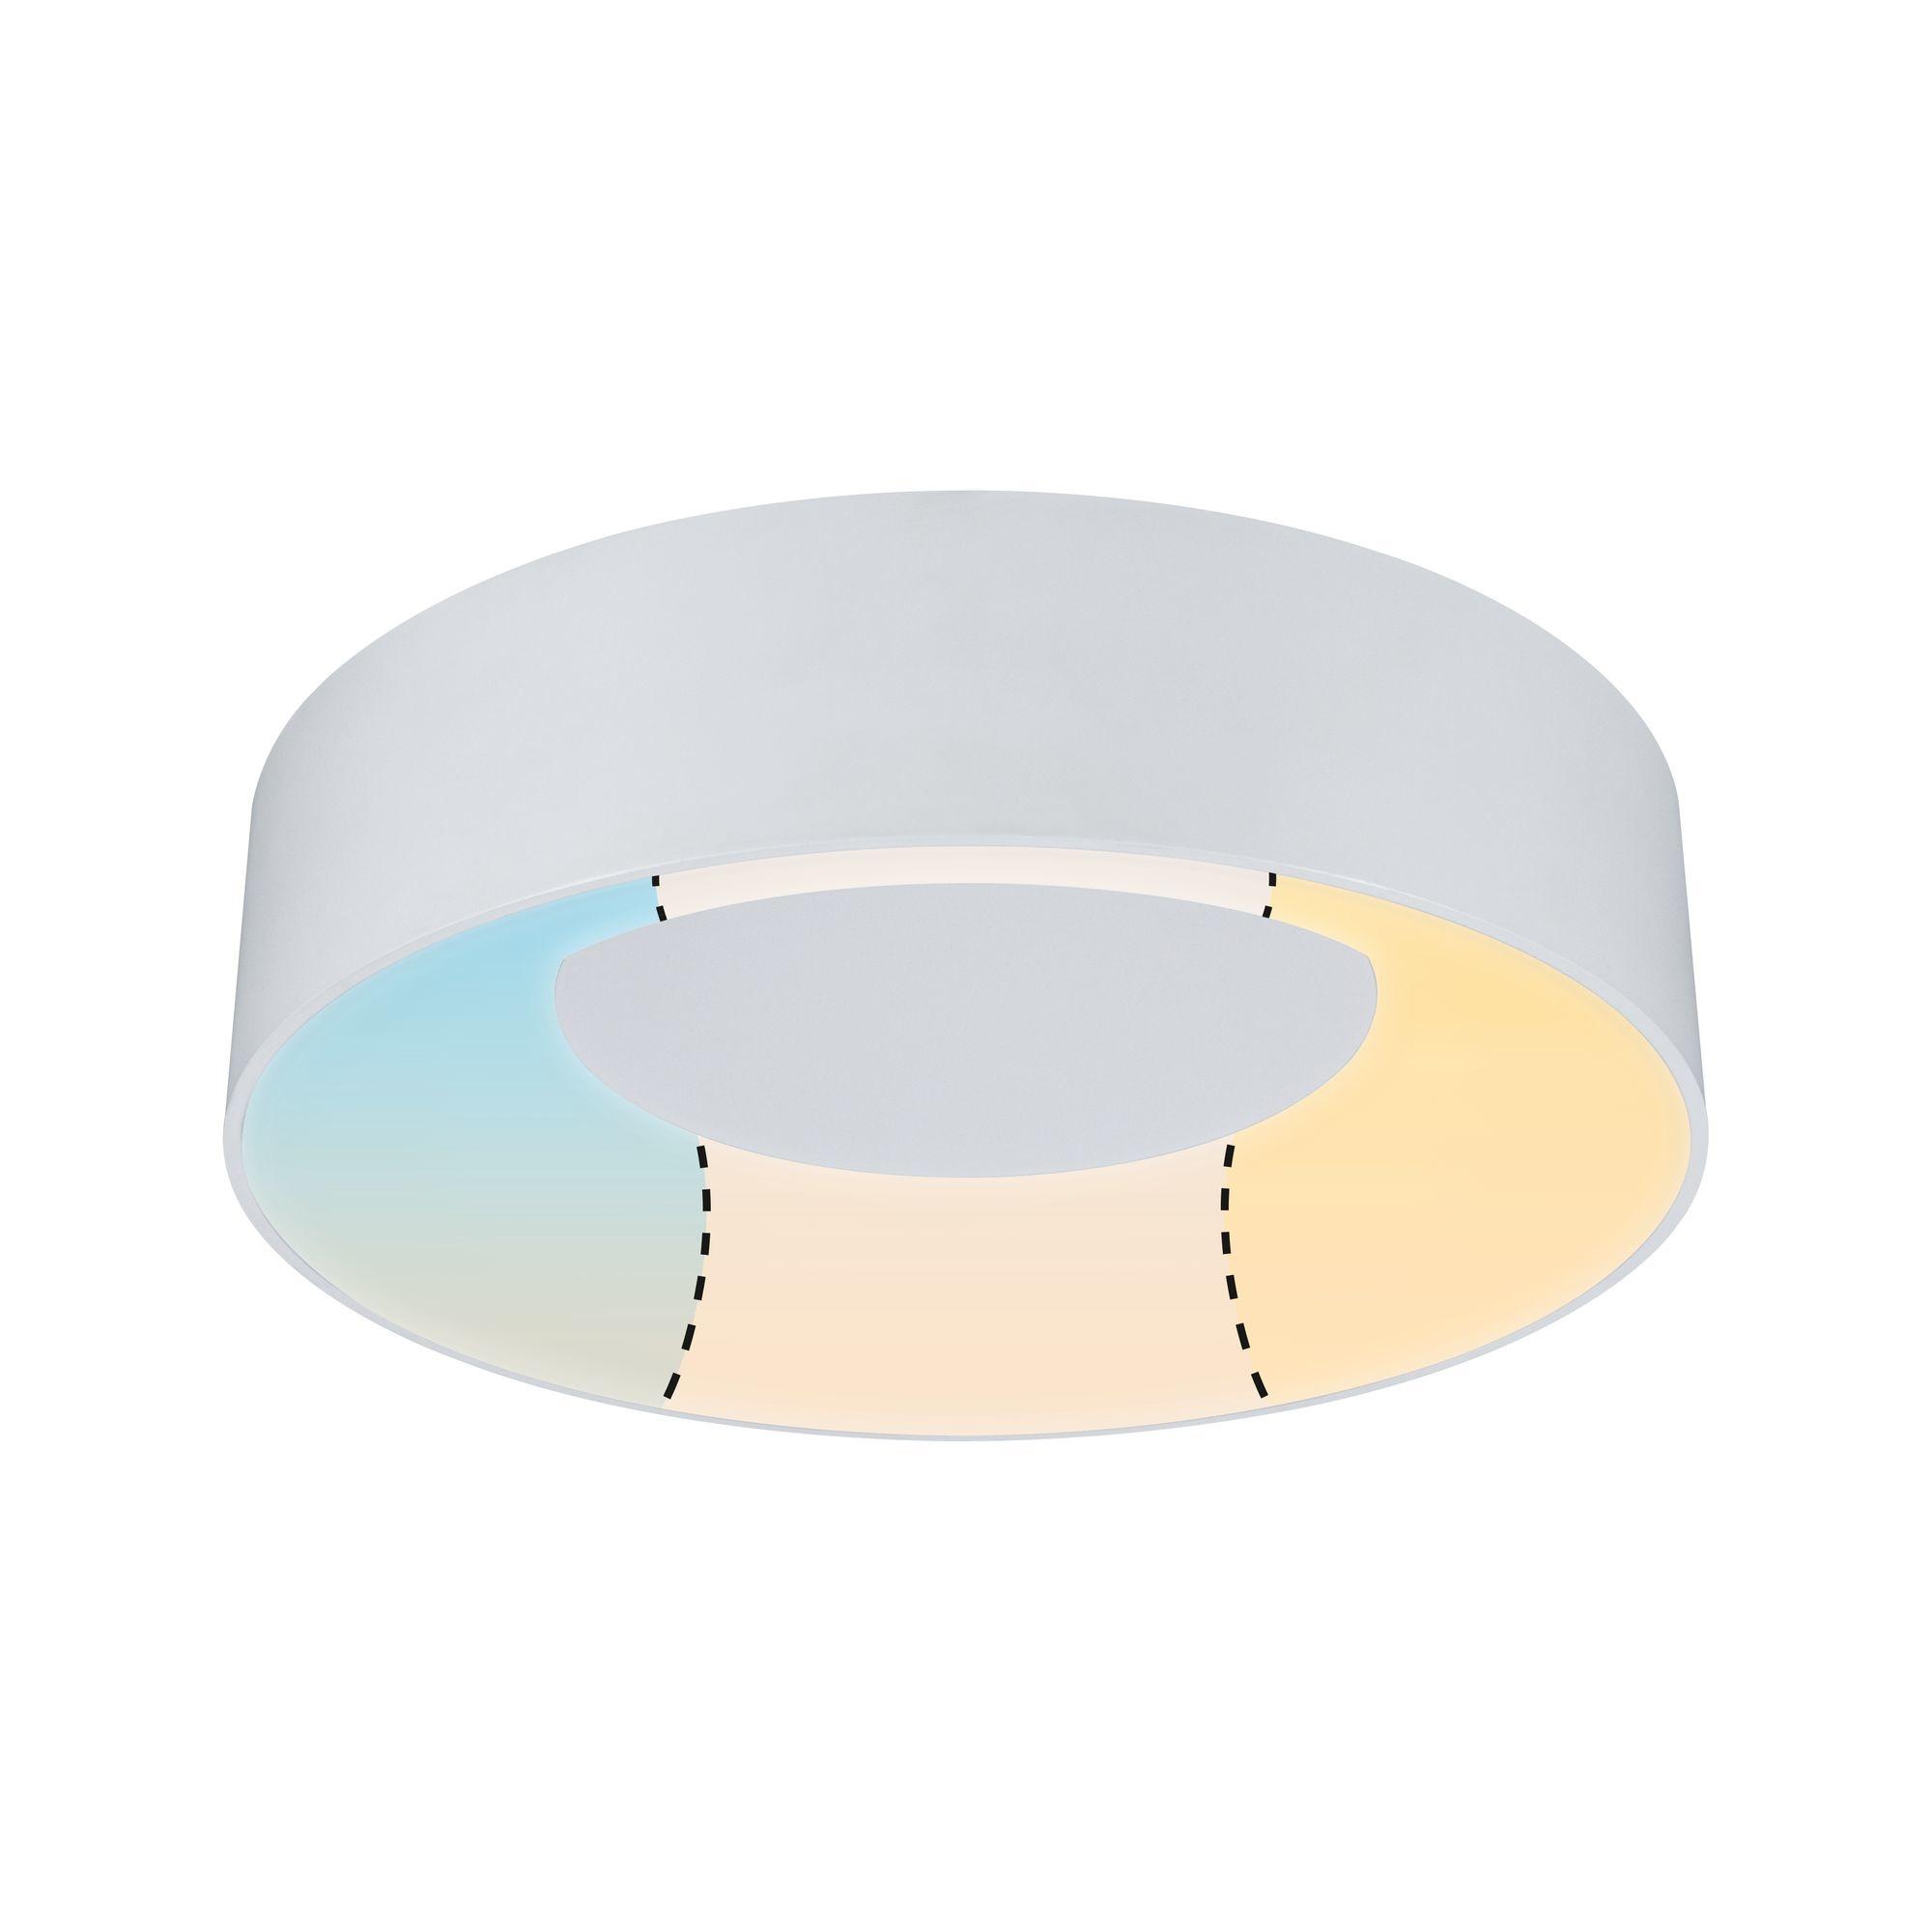 Paulmann HomeSpa LED Deckenleuchte Casca Weiß 16W WhiteSwitch 3.000K